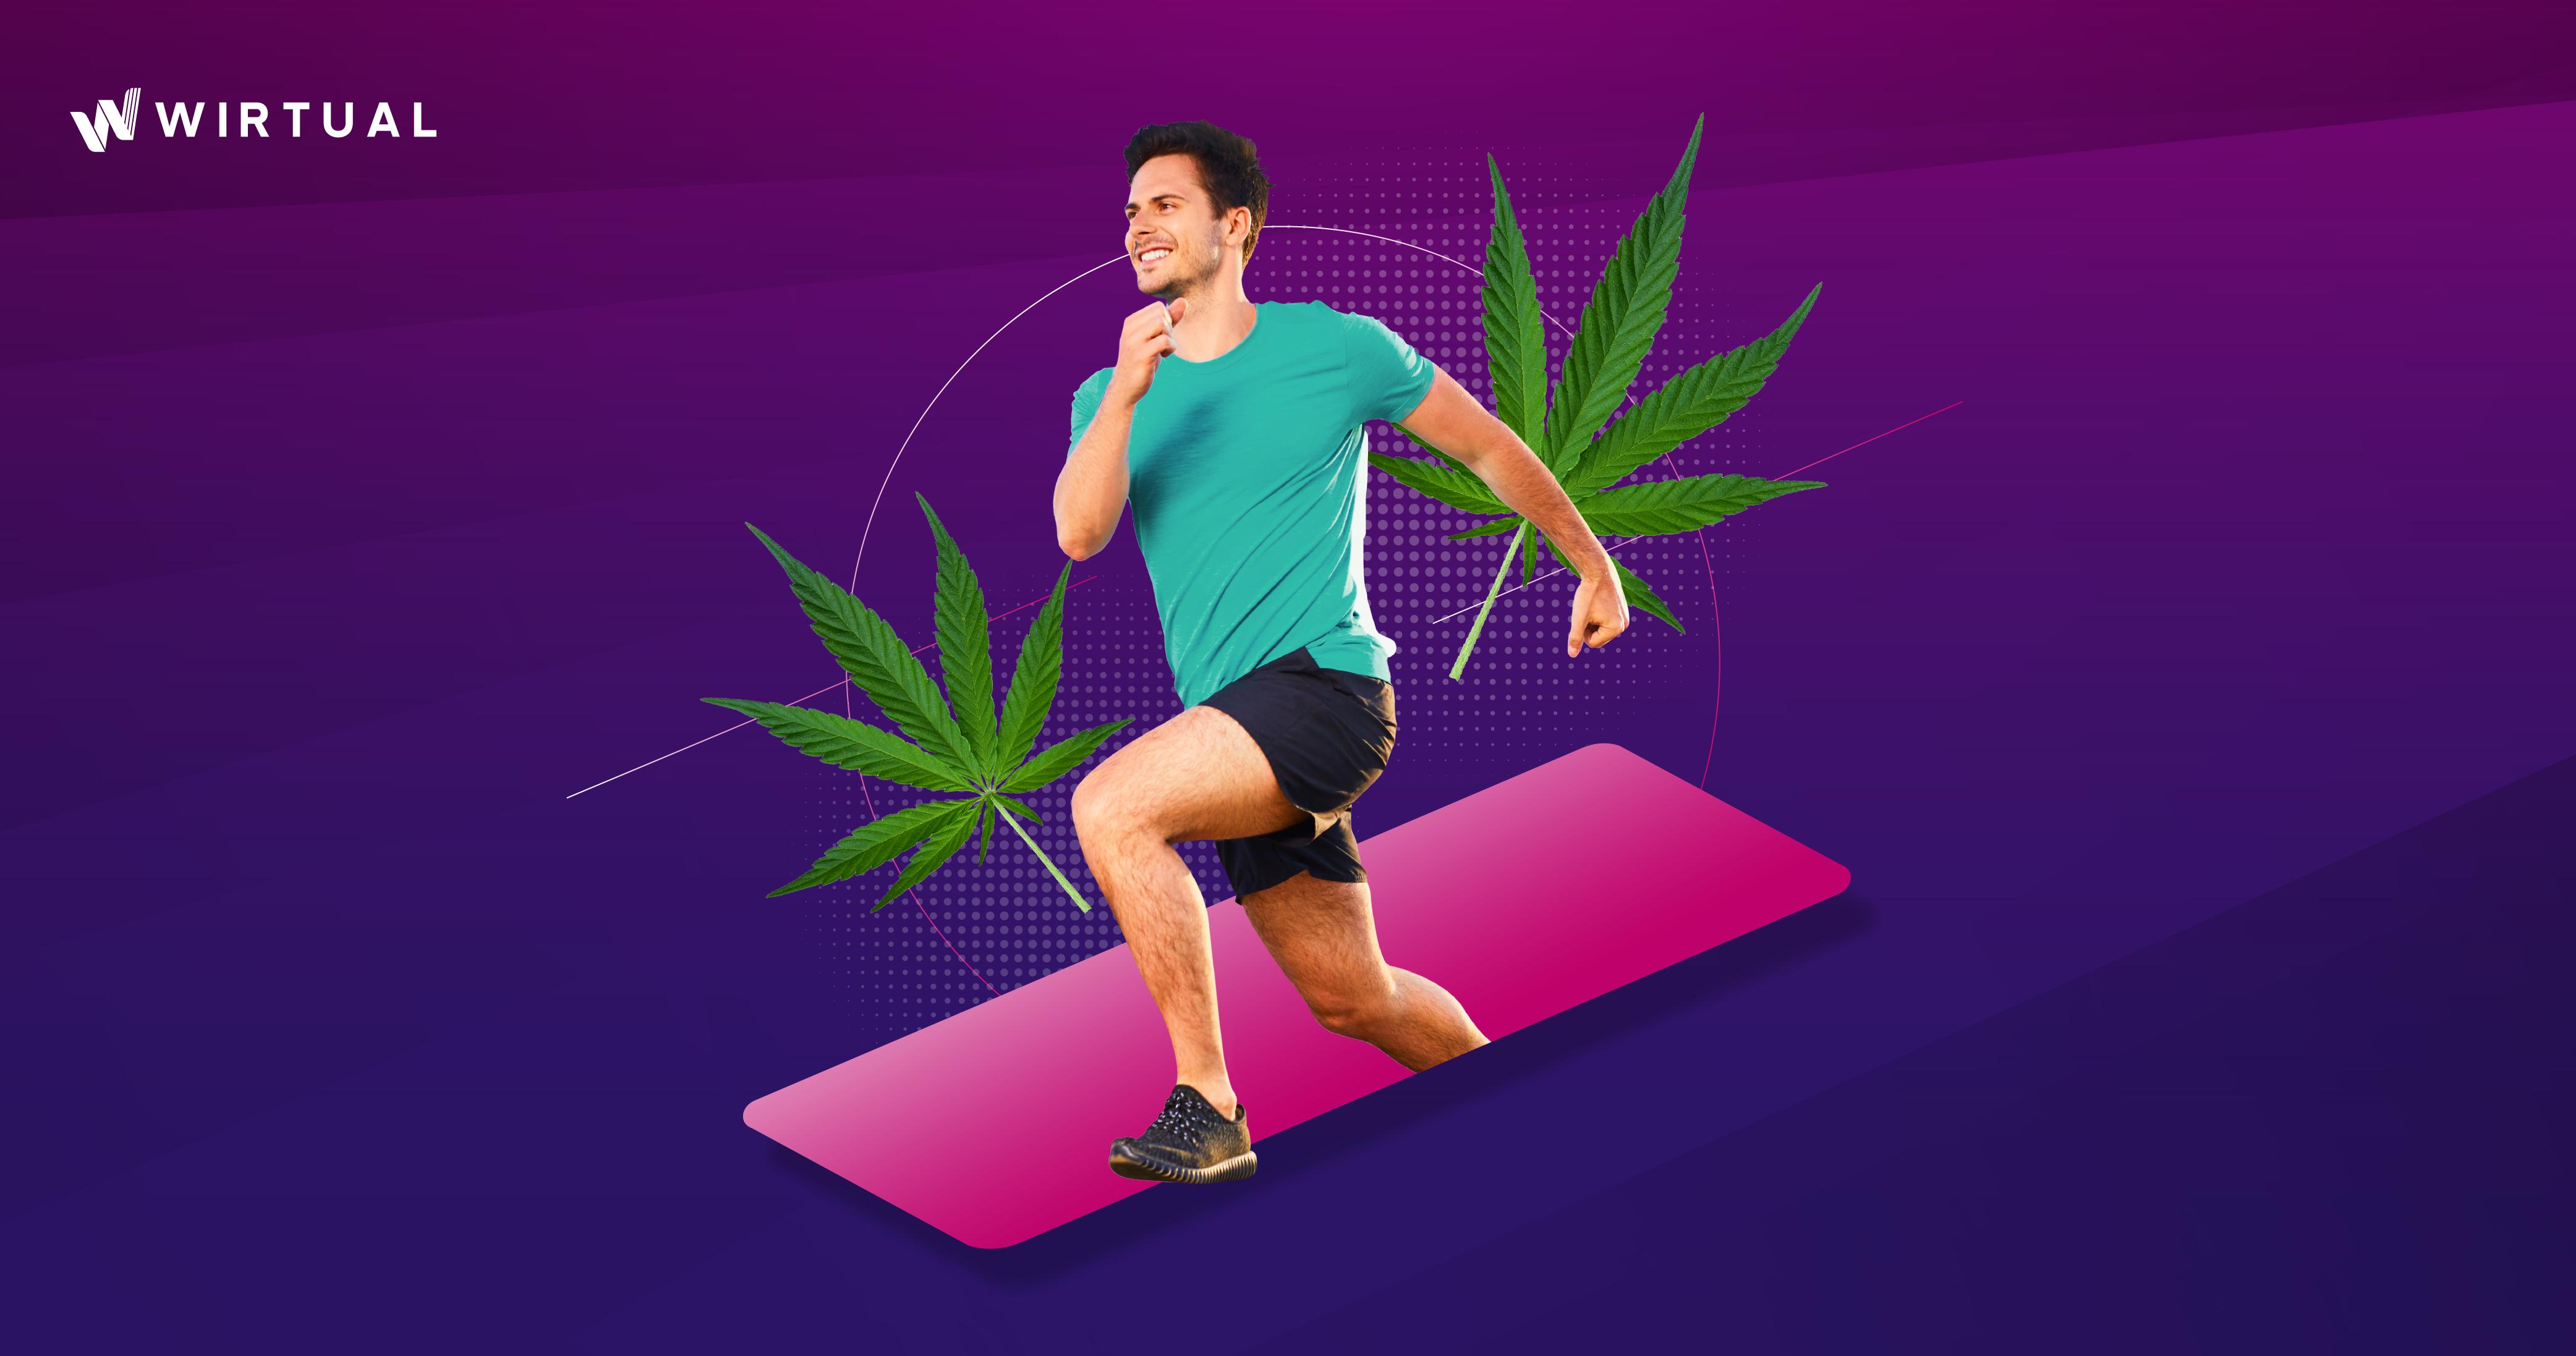 รู้หรือไม่? กัญชาช่วยเพิ่มประสิทธิภาพการออกกำลังกาย